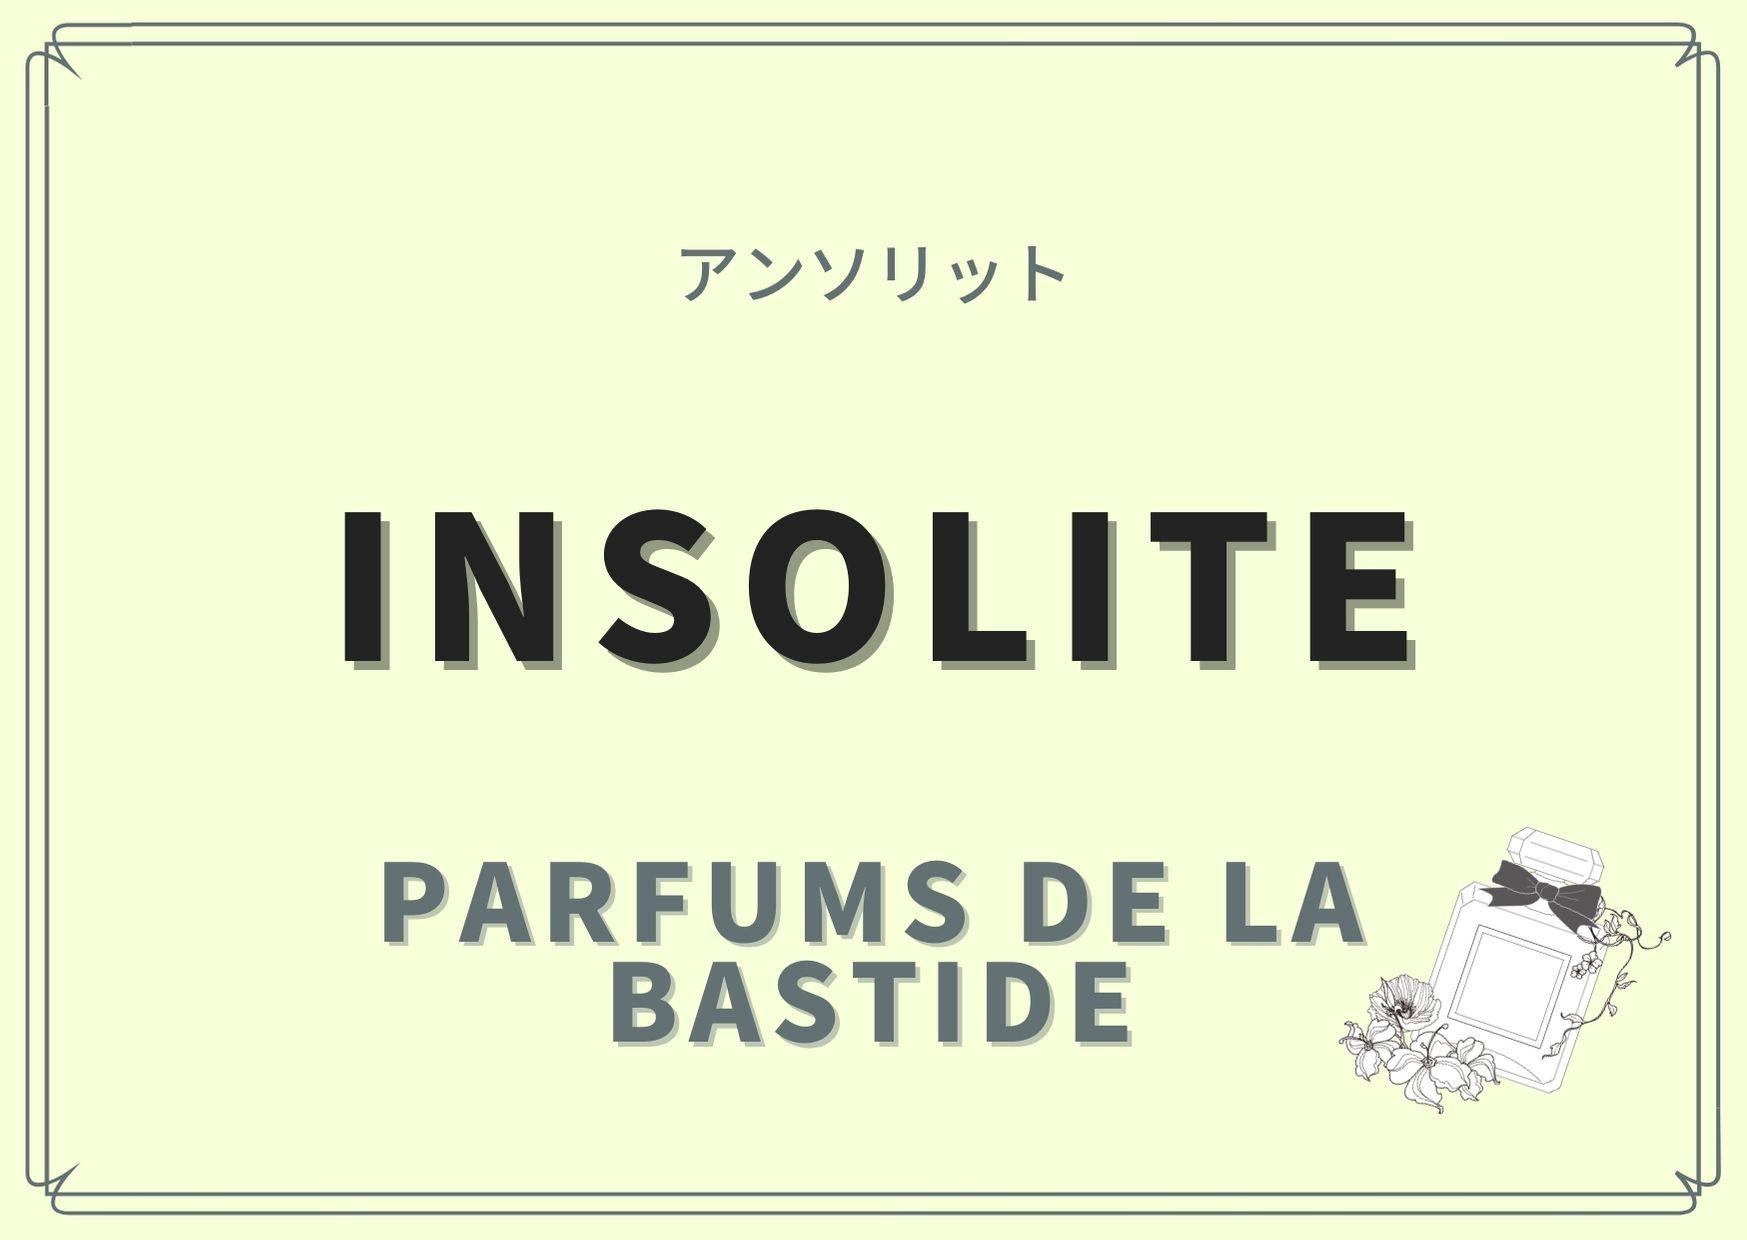 INSOLITE(アンソリット)/PARFUMS DE LA BASTIDE(パルファム ドゥ ラ バスティード)